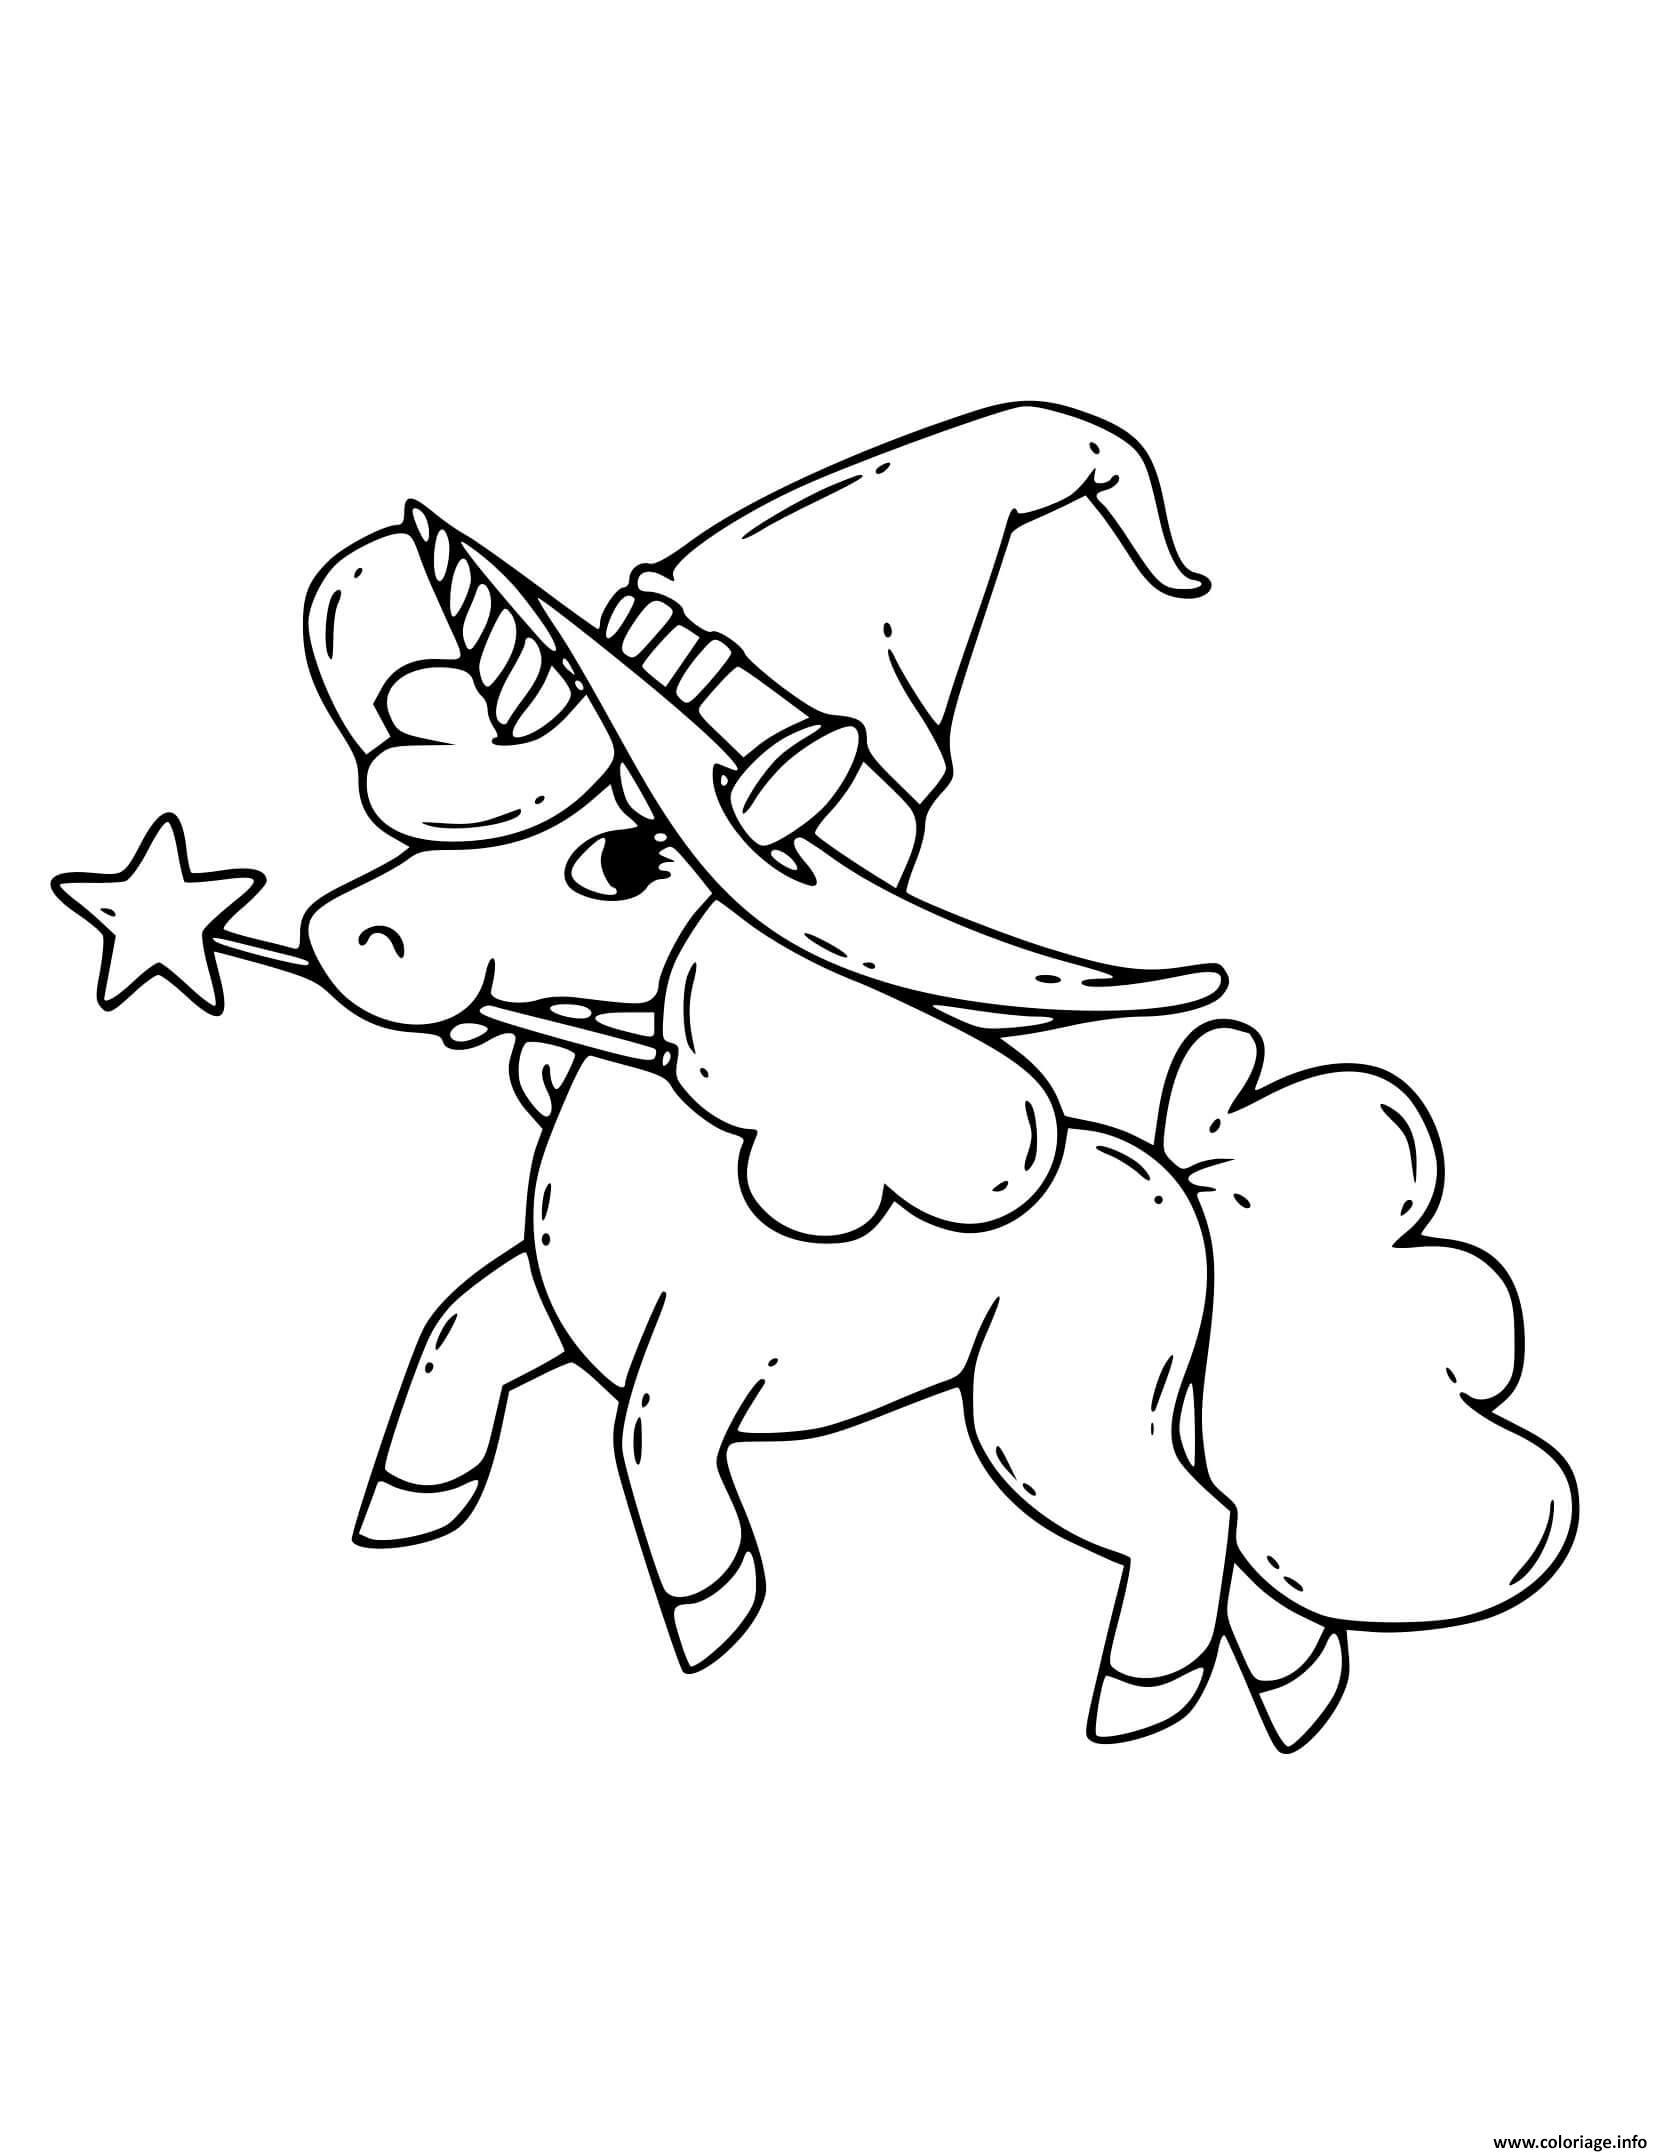 Dessin licorne magique avec chapeau pour halloween Coloriage Gratuit à Imprimer